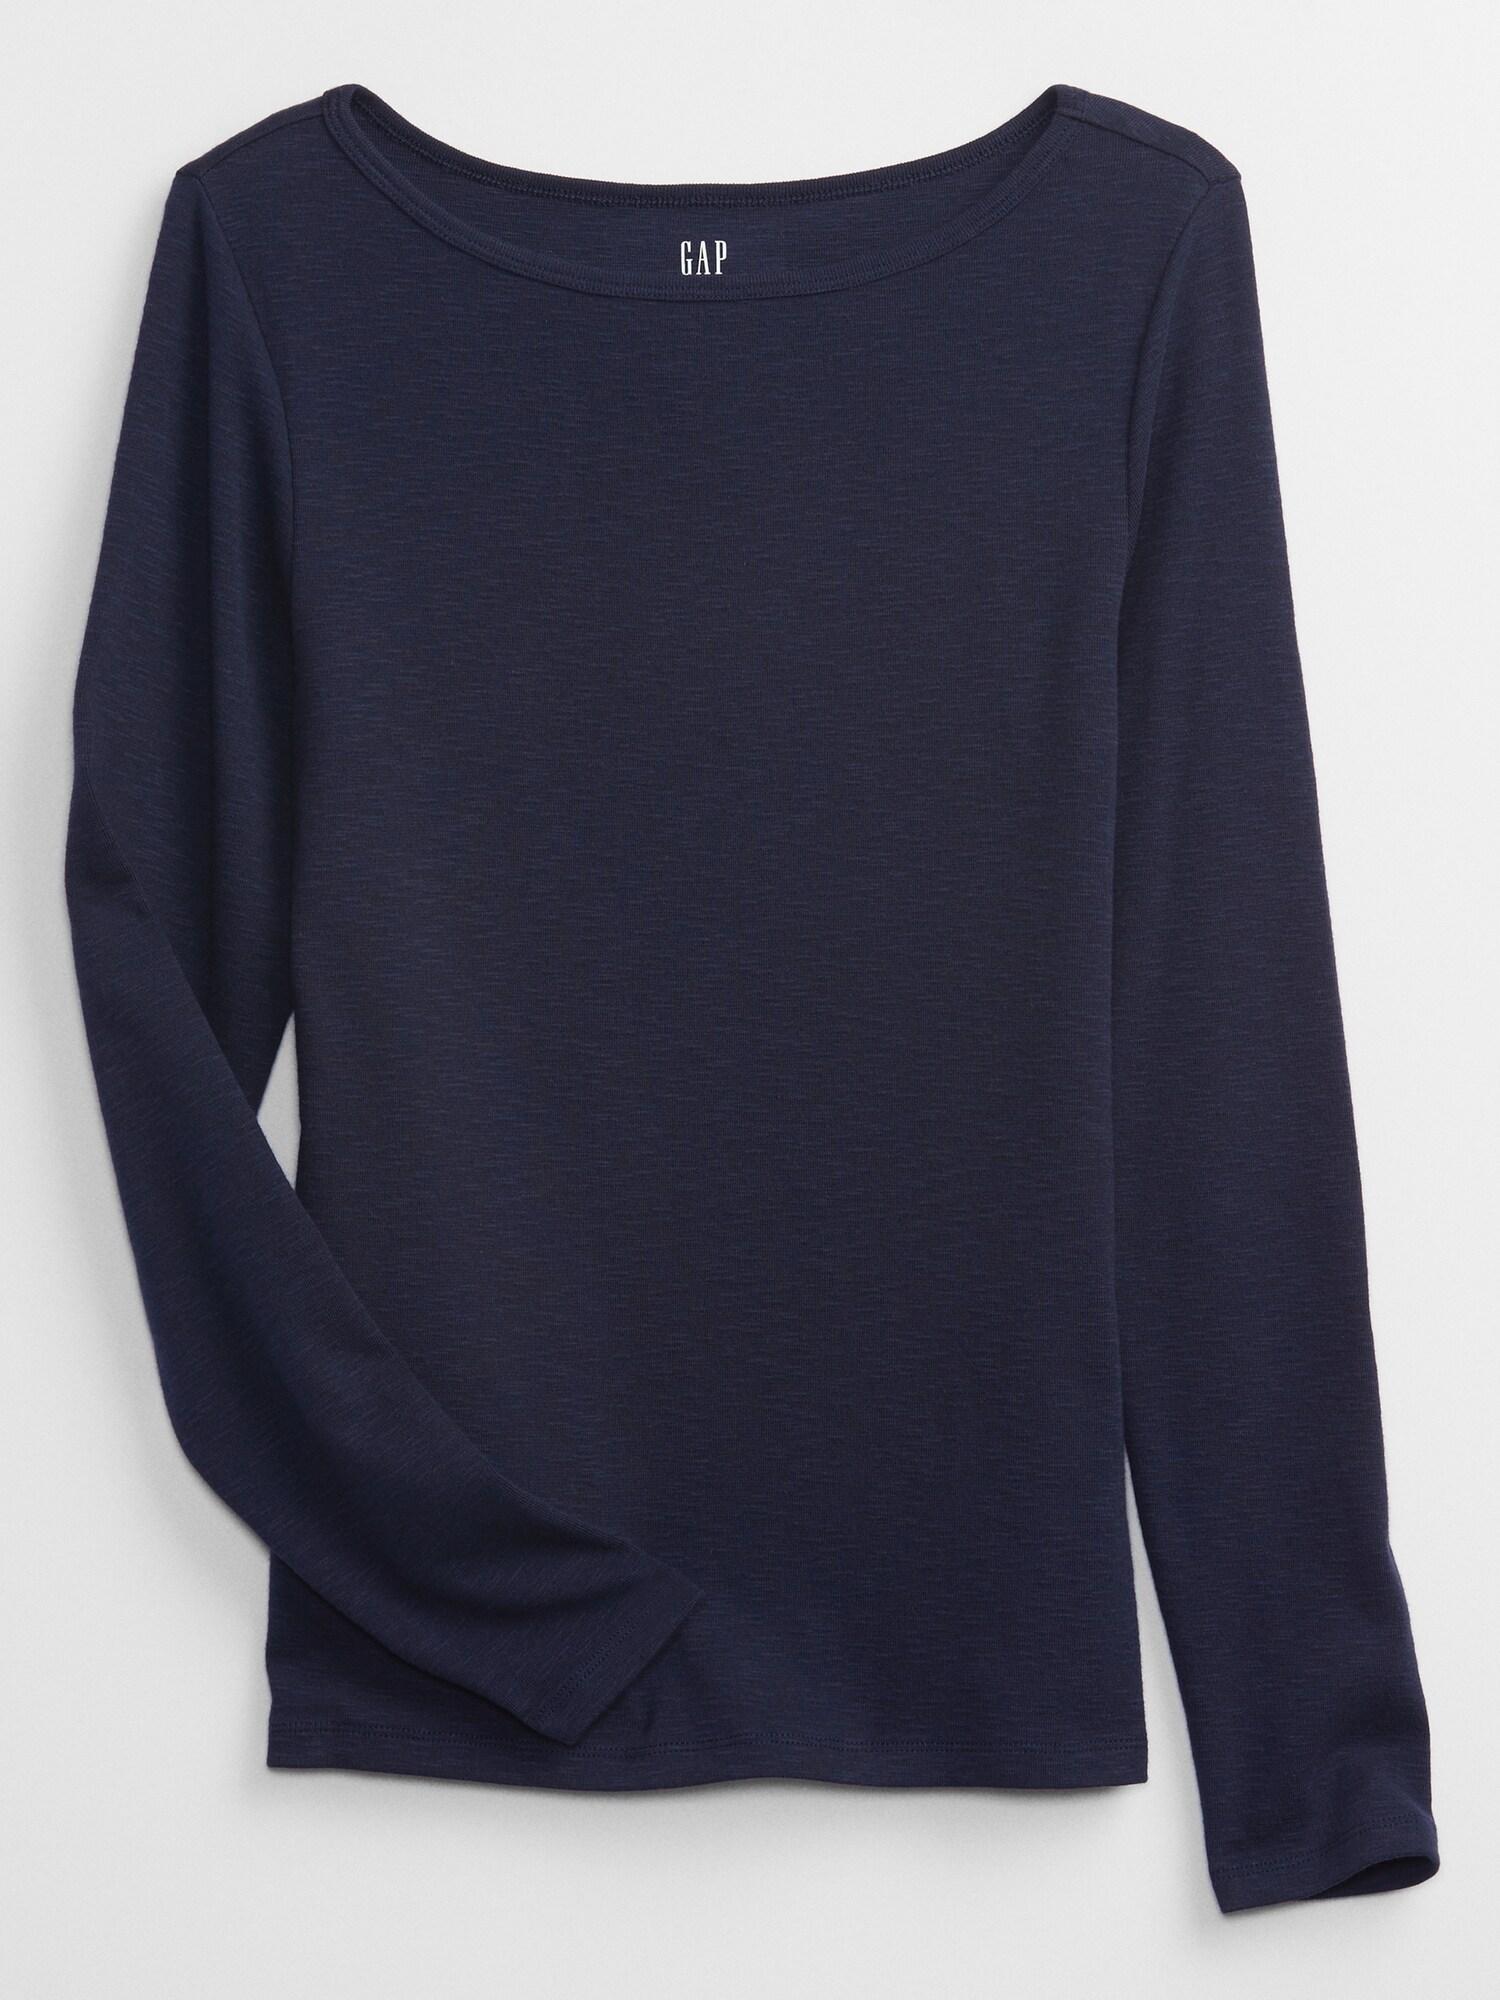 GAP Дамски тениски и потници син цвят Basic